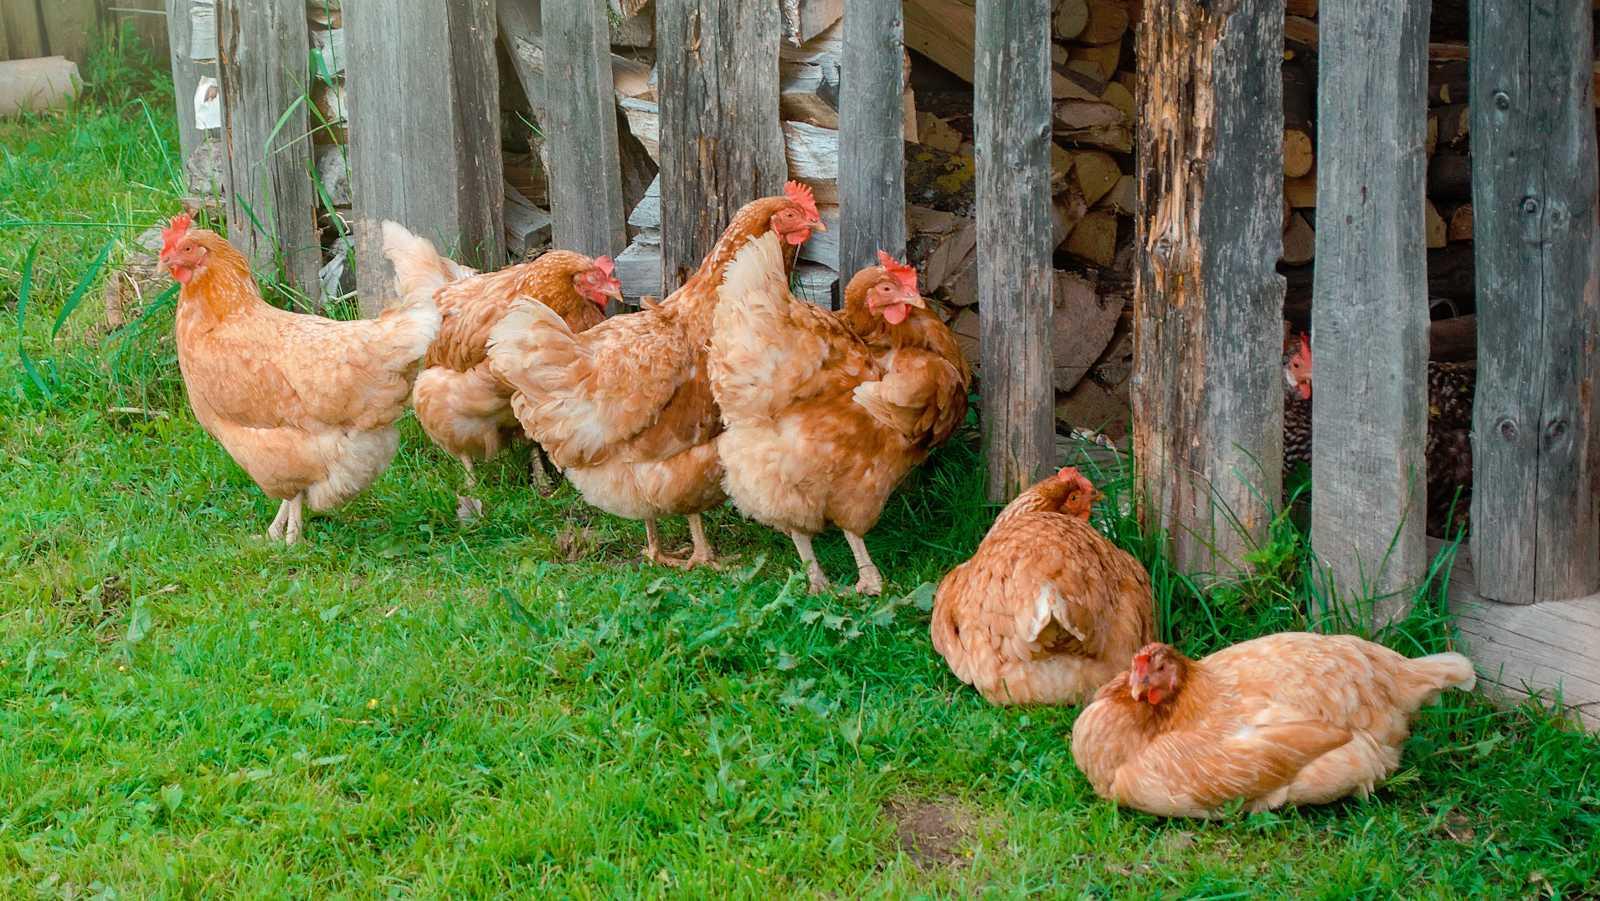 Nel Cañedo es un pastor asturiano que se queja de la decisión municipal de clausurar un gallinero porque el ruido molesta a los clientes de un hotel rural de Soto de Cangas. Su protesta se ha hecho viral y ha sacado a la luz la polémica decisión.